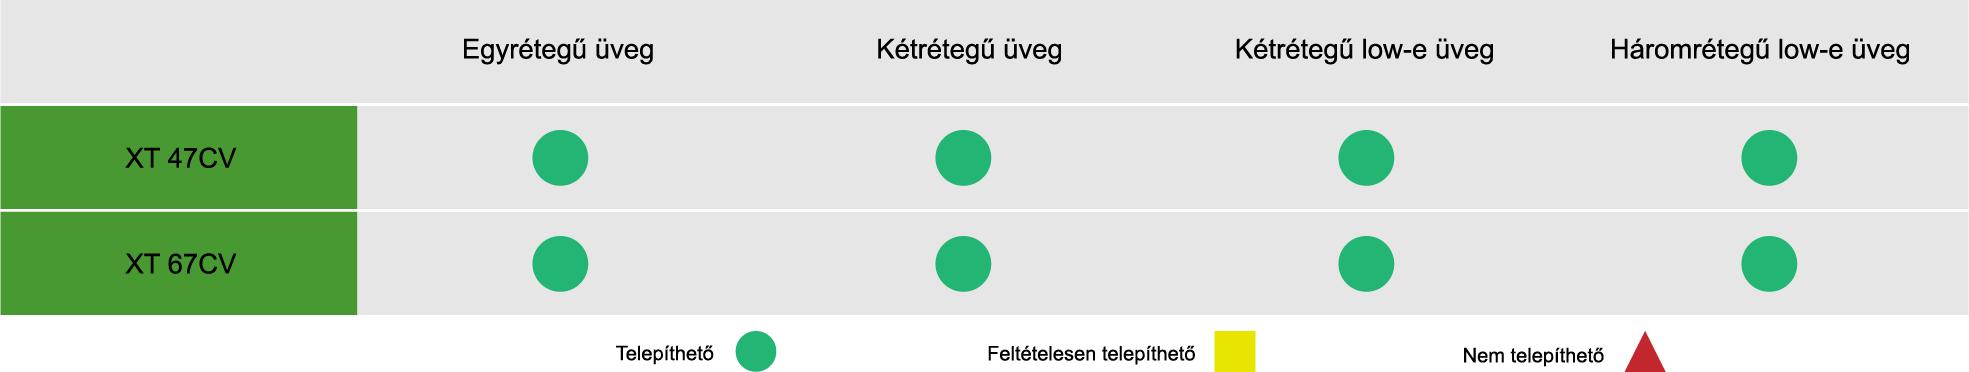 sykfol-ablakfólia-komp-xt-cv